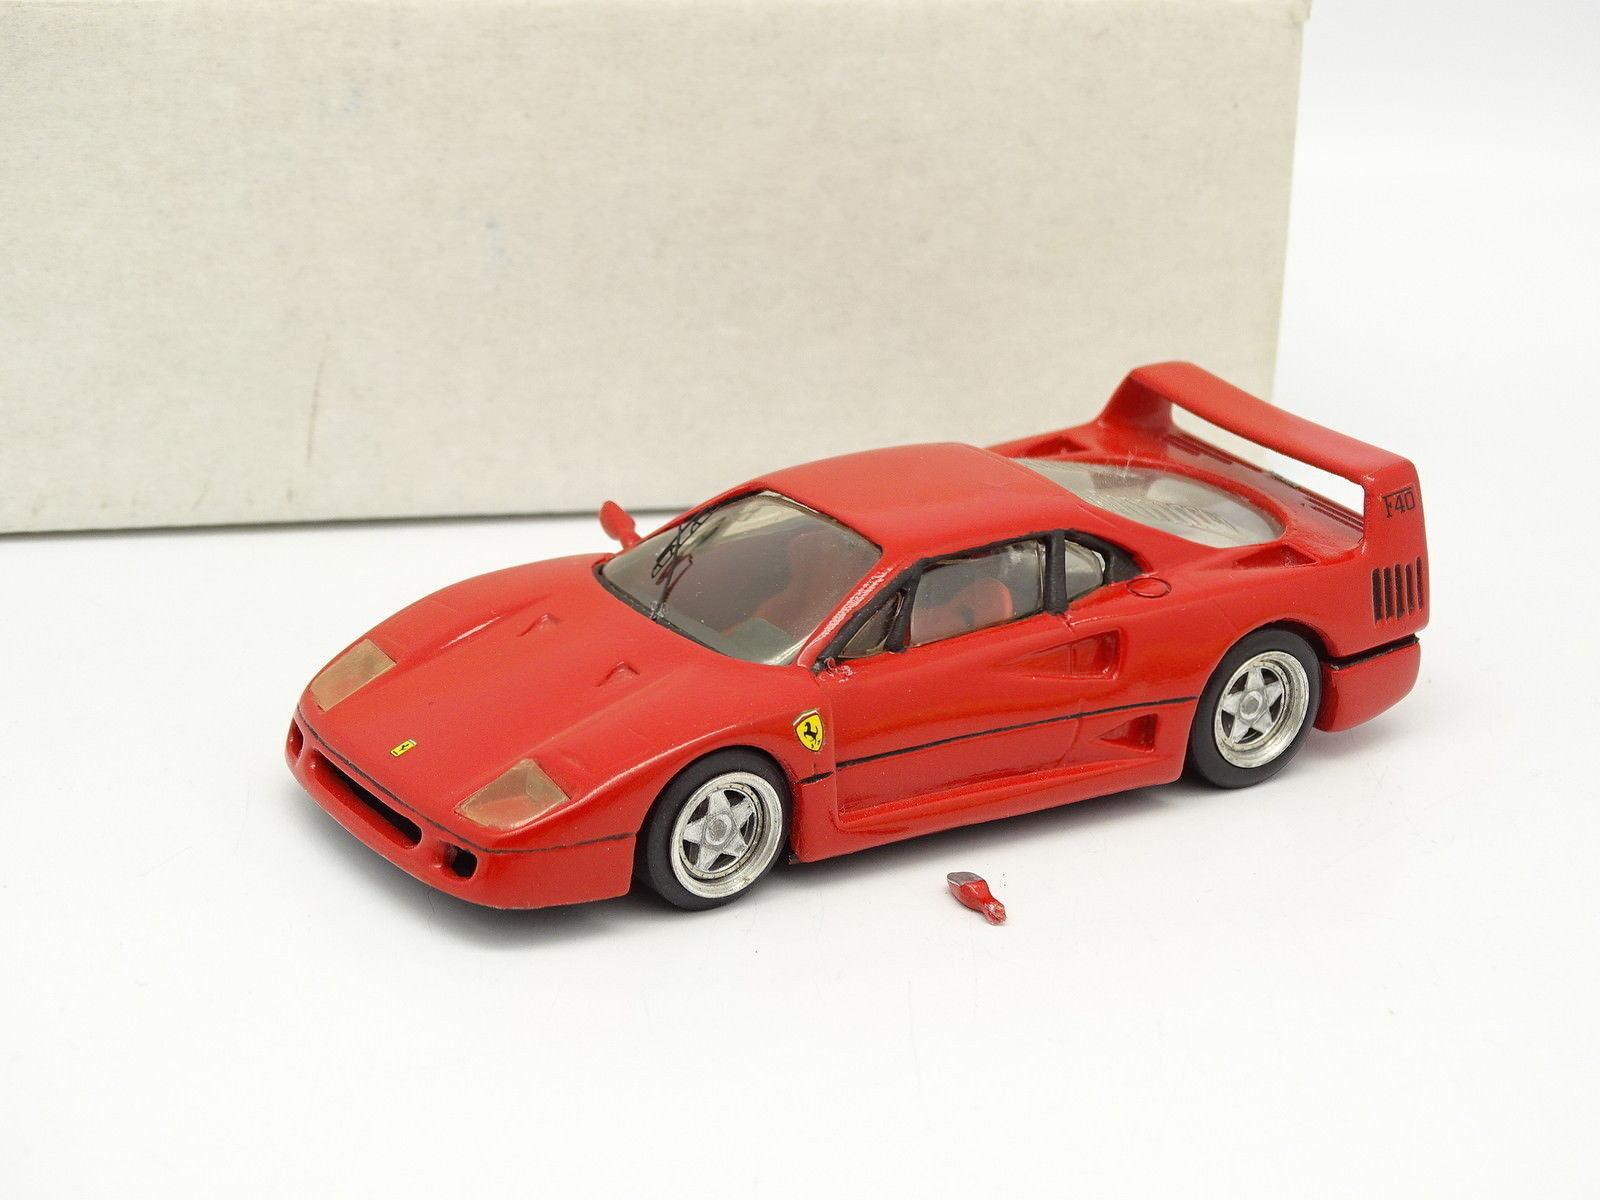 Kit Assembled 1 43 - Ferrari F40 Red